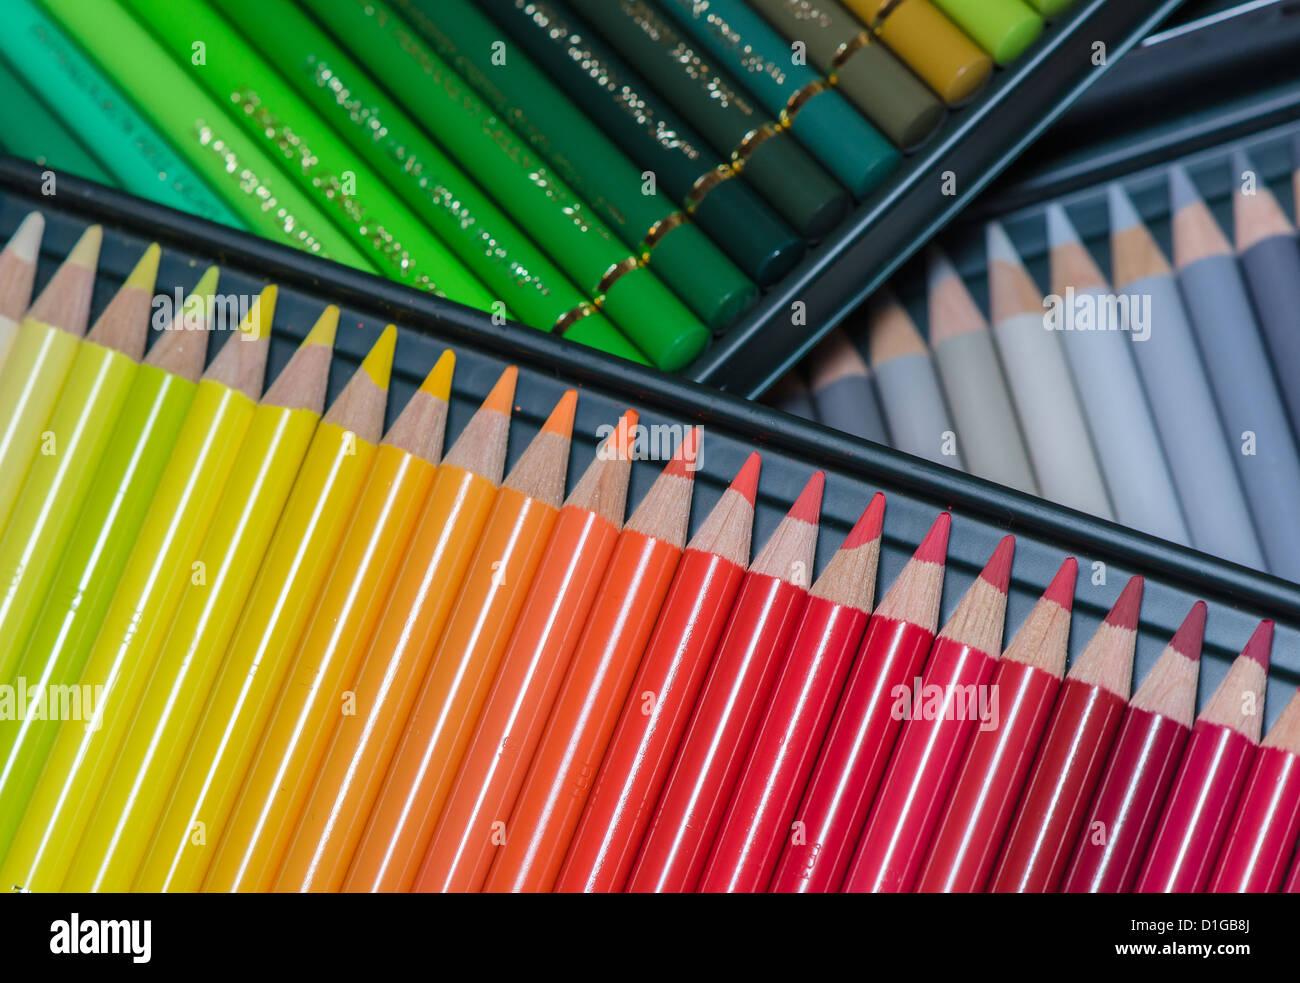 Numerosos crayones de colores surtidos en una caja Imagen De Stock